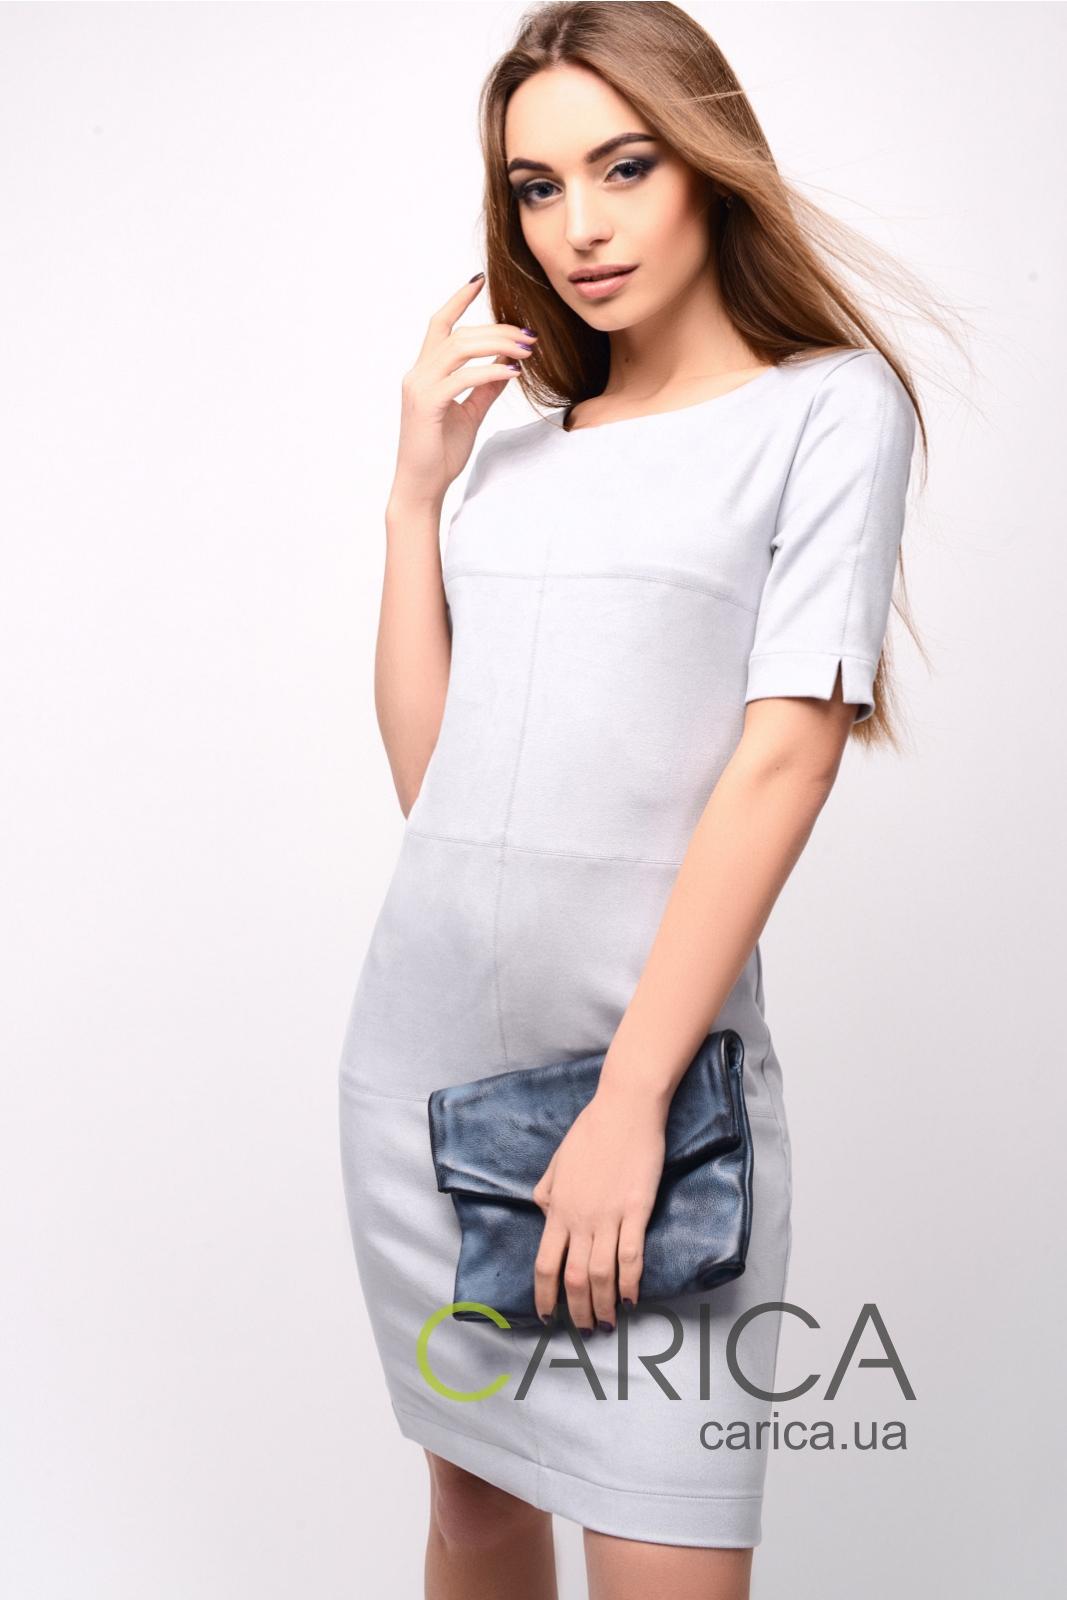 Сбор заказов. Супер распродажа красивой и модной женской одежды C@ric@. Блузки от 450 руб, платья от 500 руб, леггинсы и юбки от 300 руб. Быстрый сбор